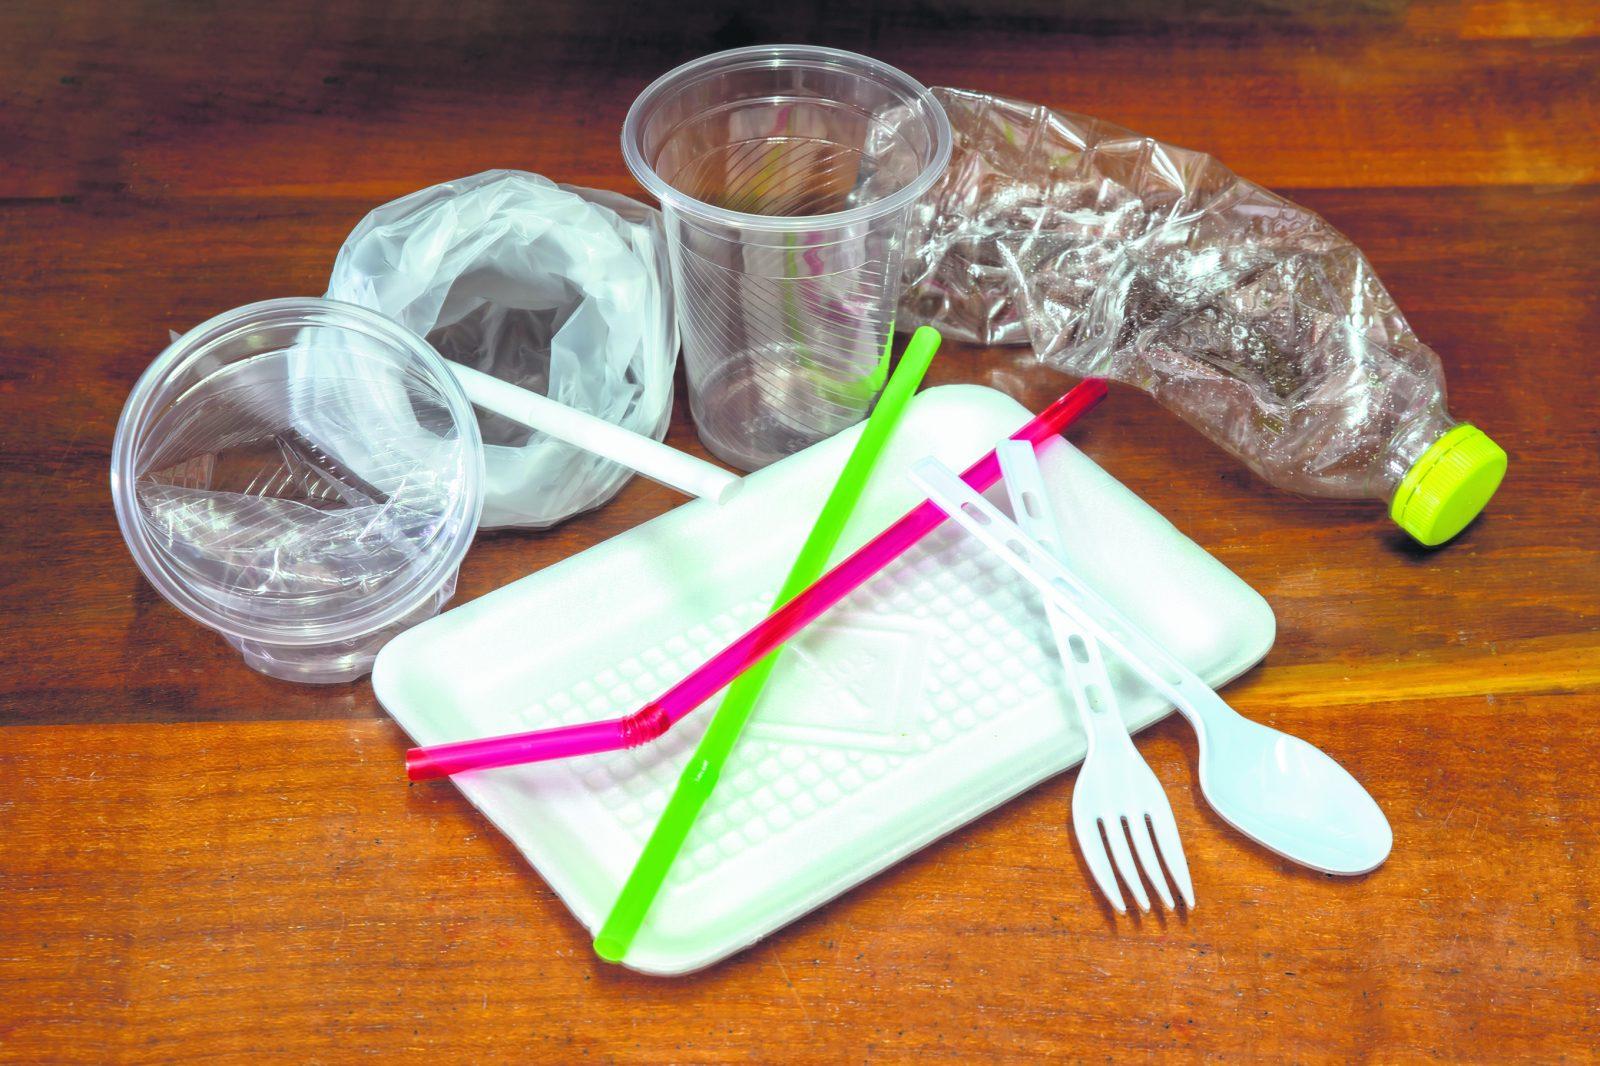 La politique pour l'élimination du plastique s'en vient à Baie-Comeau